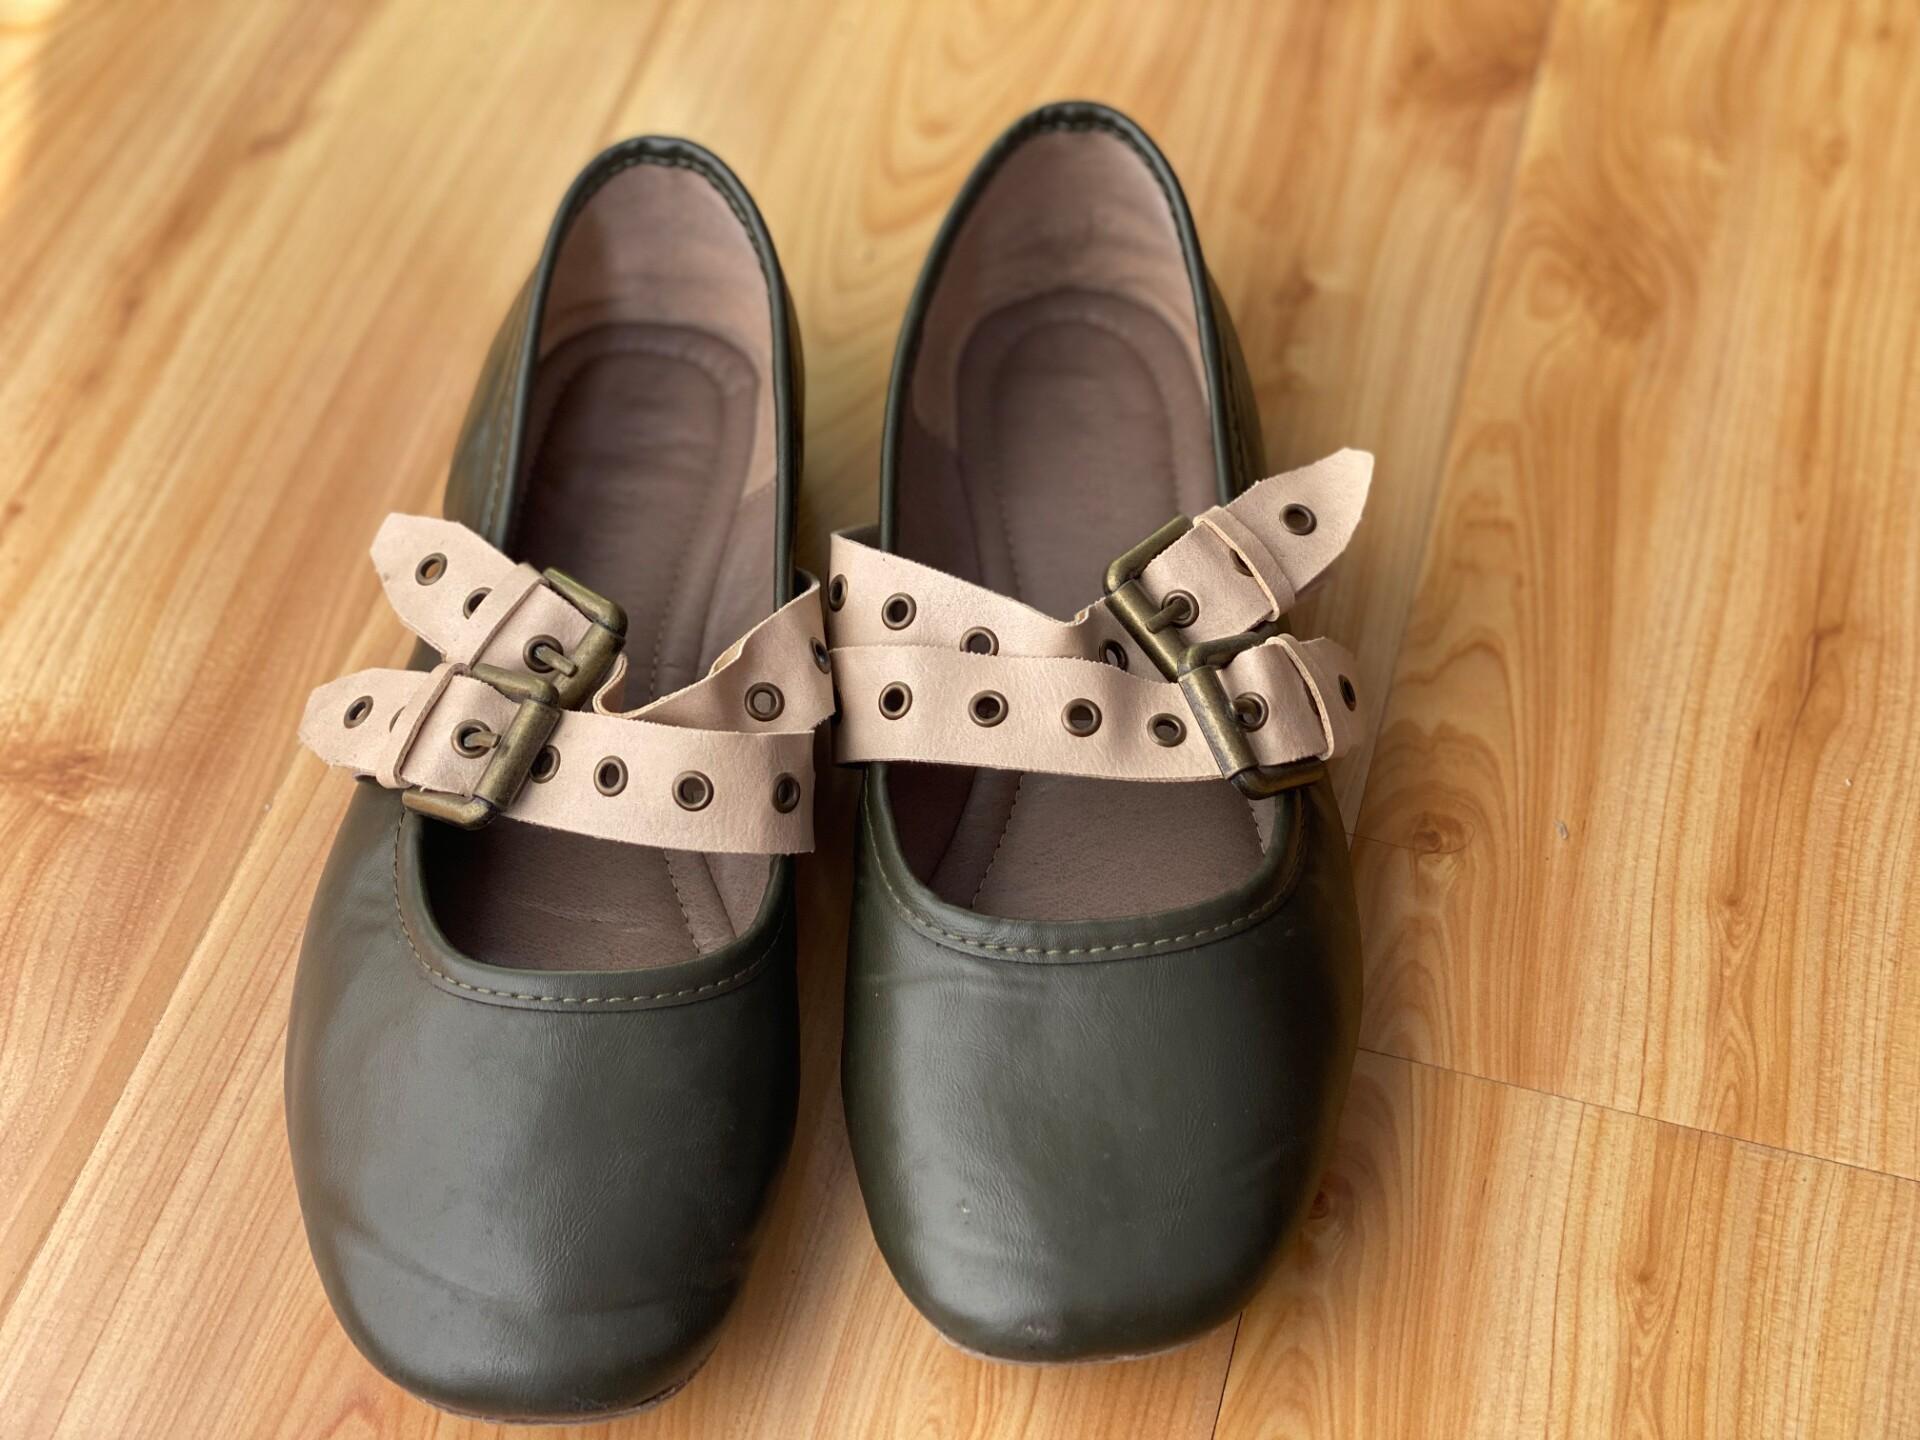 闲置39码数女鞋低价出售25一双